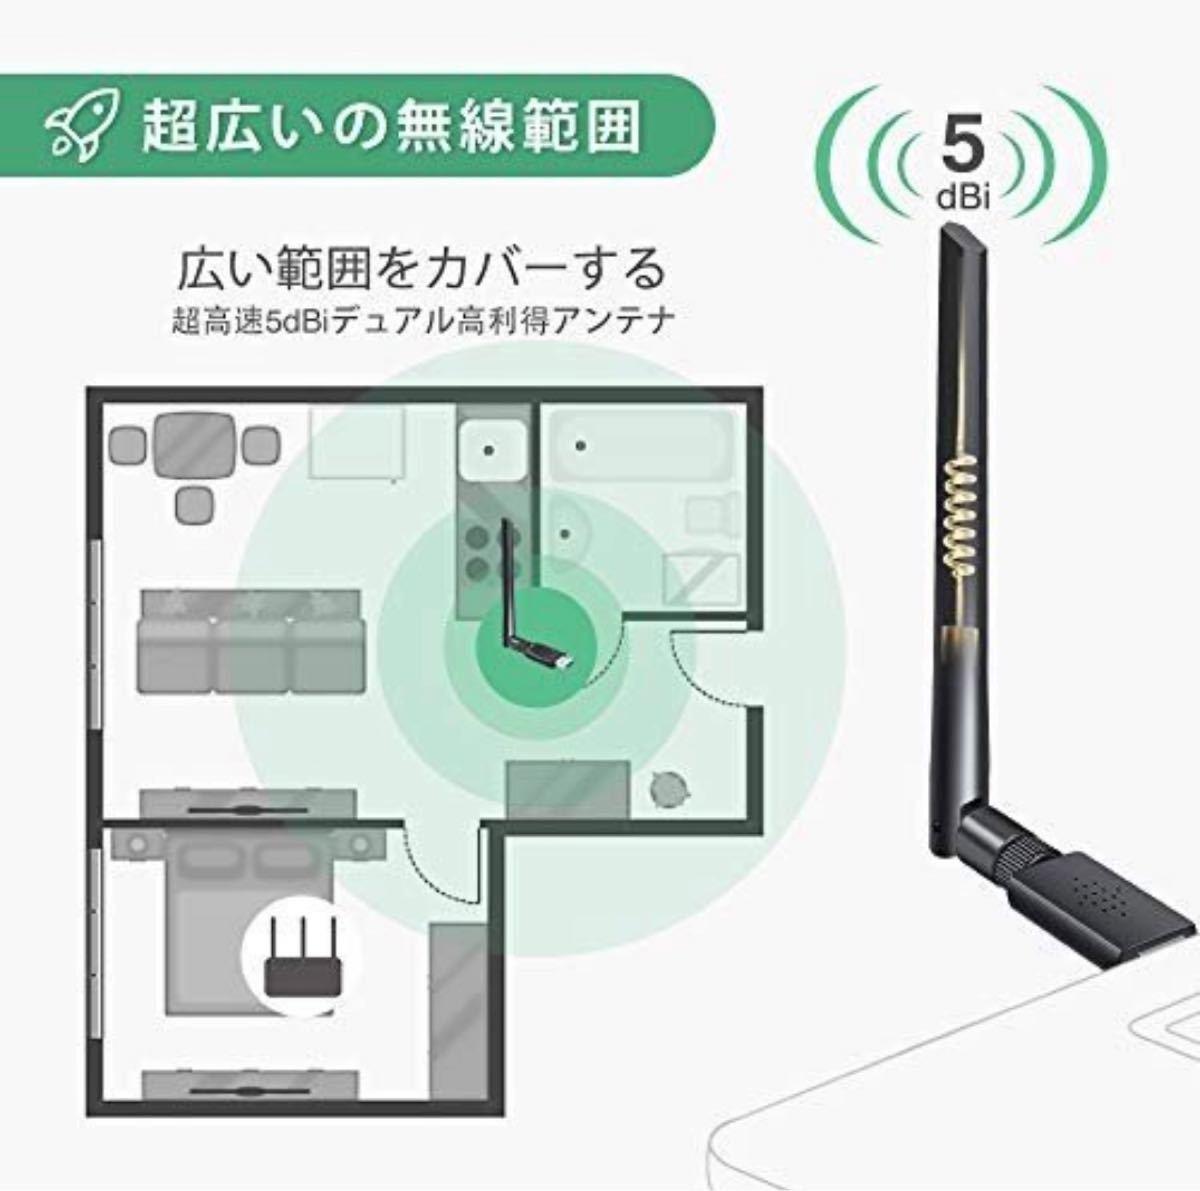 【新品】Wi-Fi無線LAN 子機 1200Mbps 放熱デザイン 高速度 5dBi用 デュアルタイプ